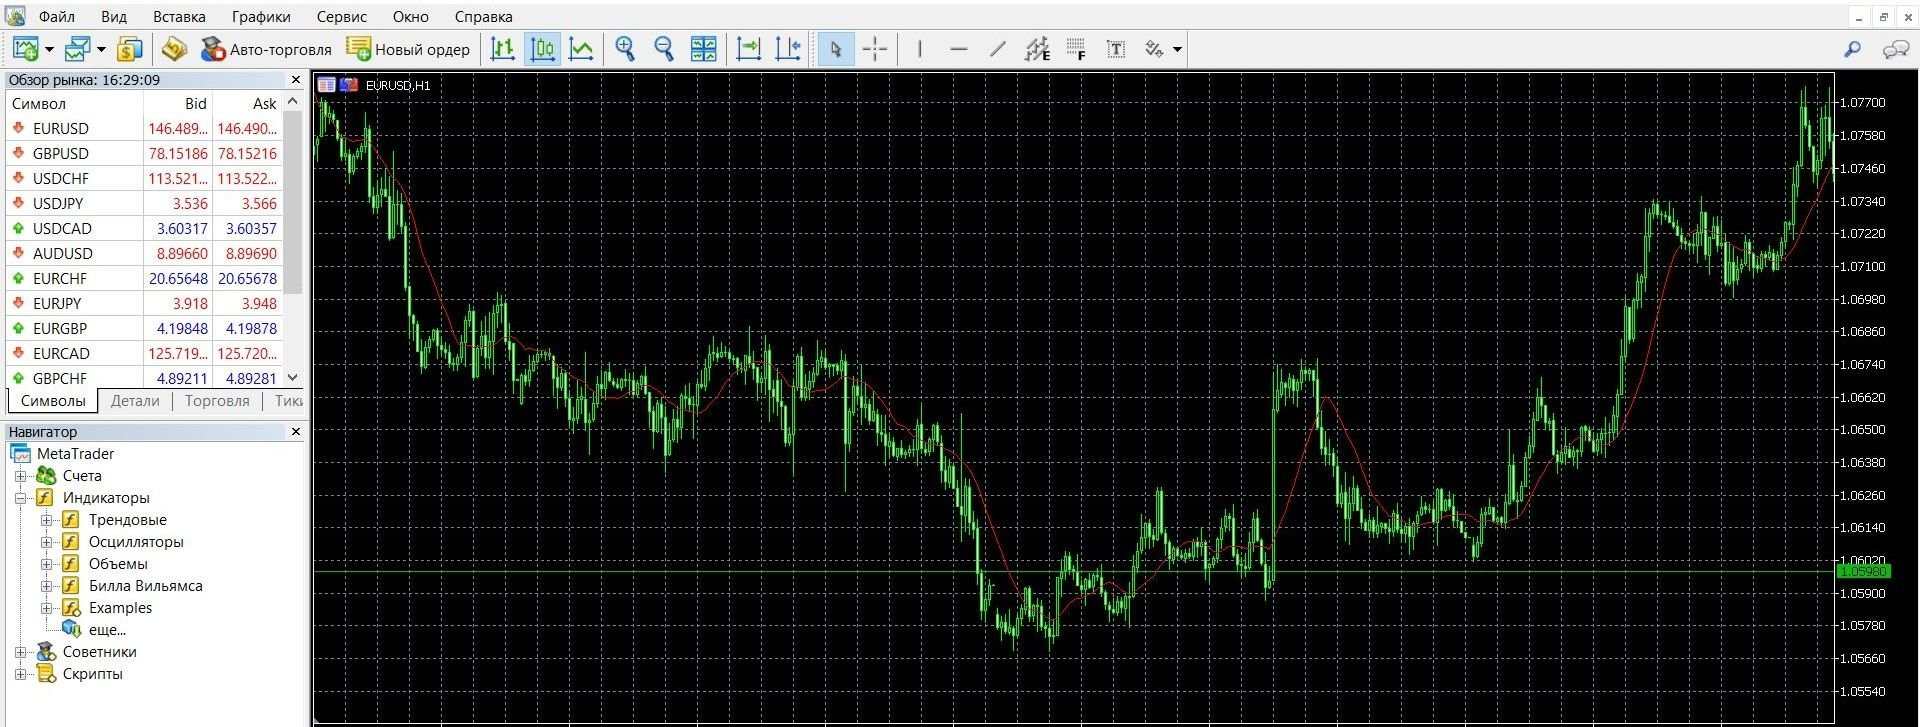 Индикатор Простое скользящее среднее (MA)